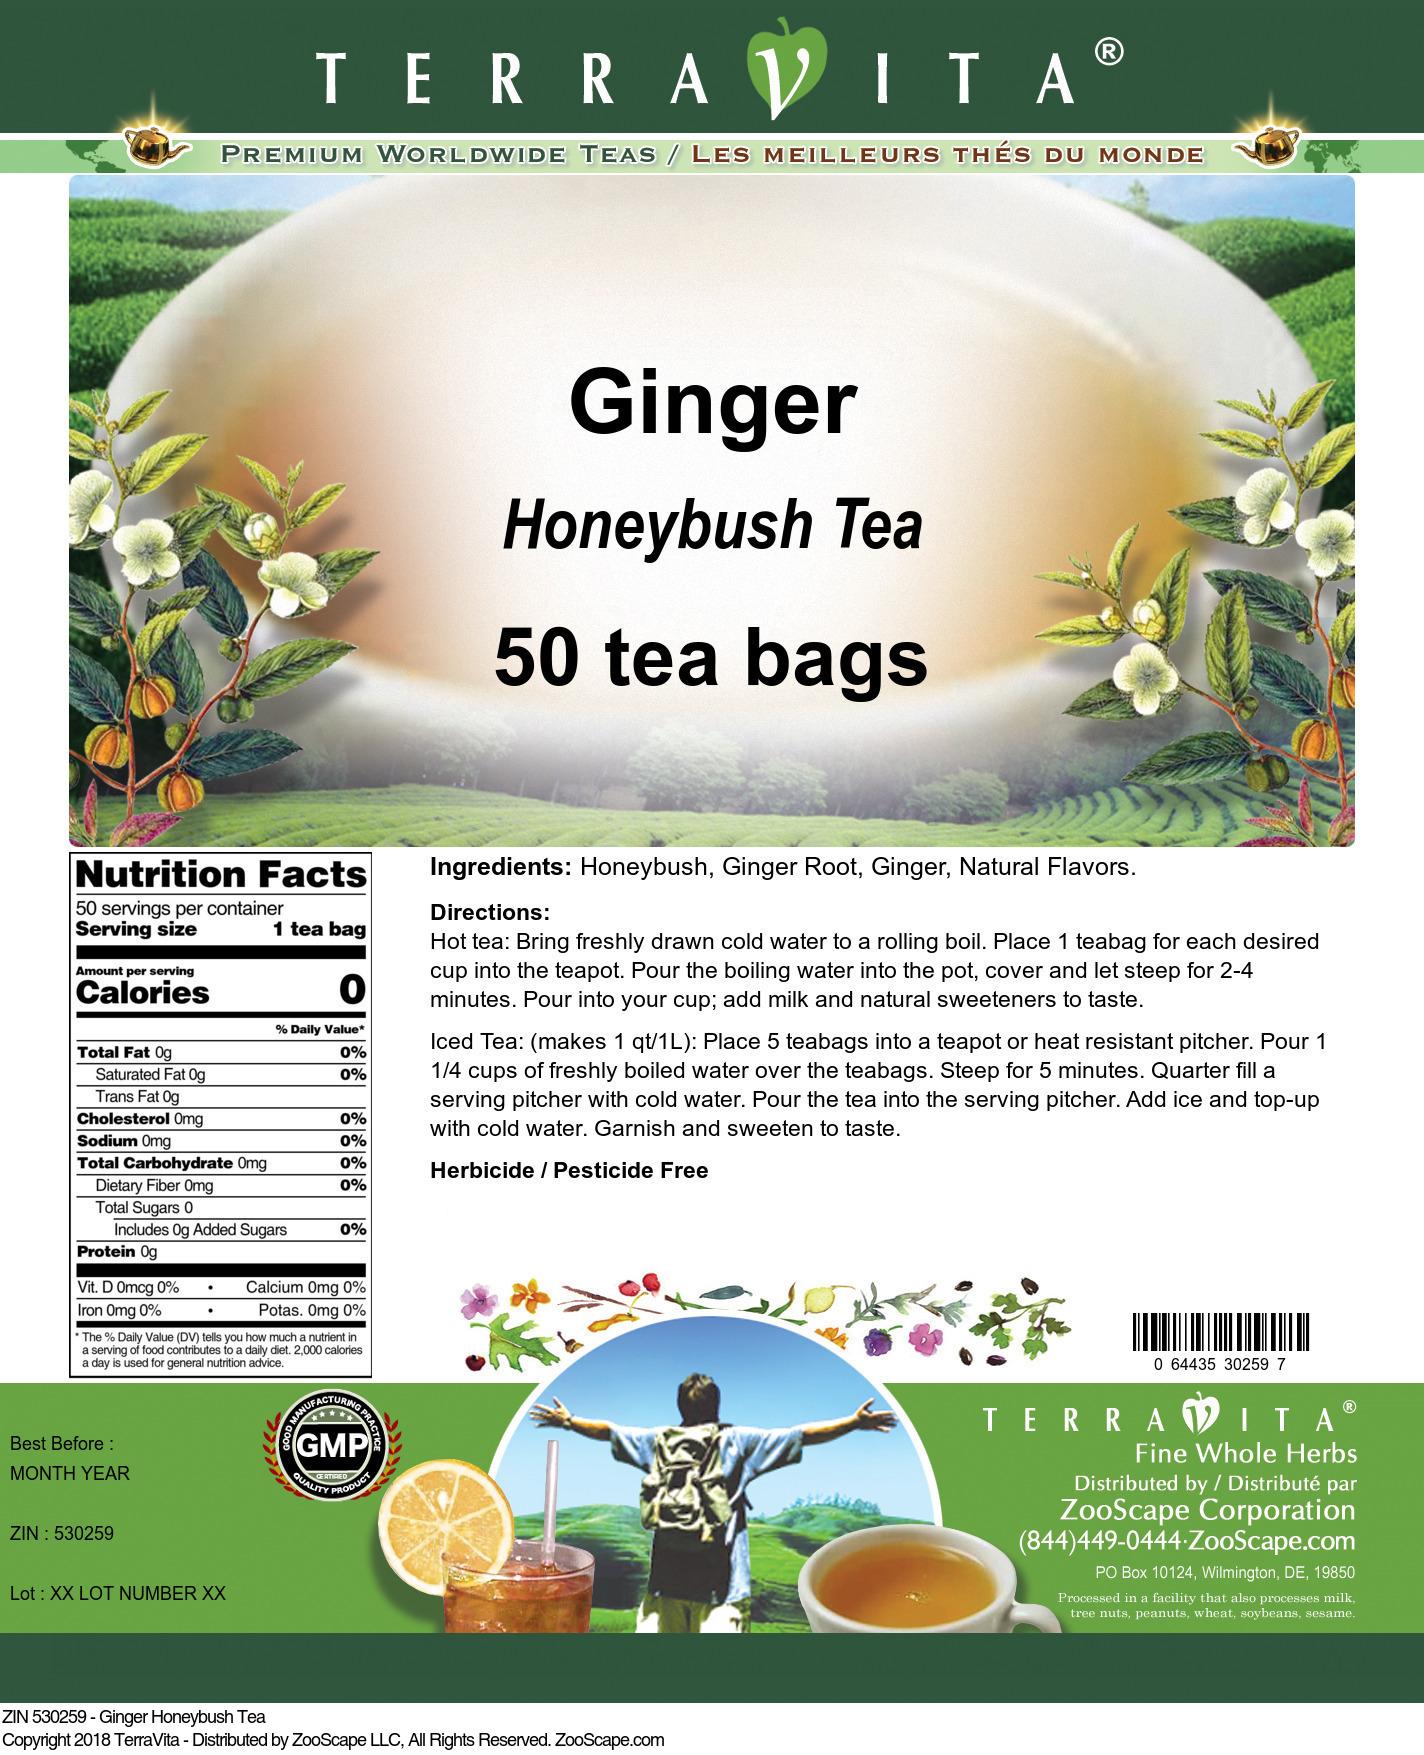 Ginger Honeybush Tea